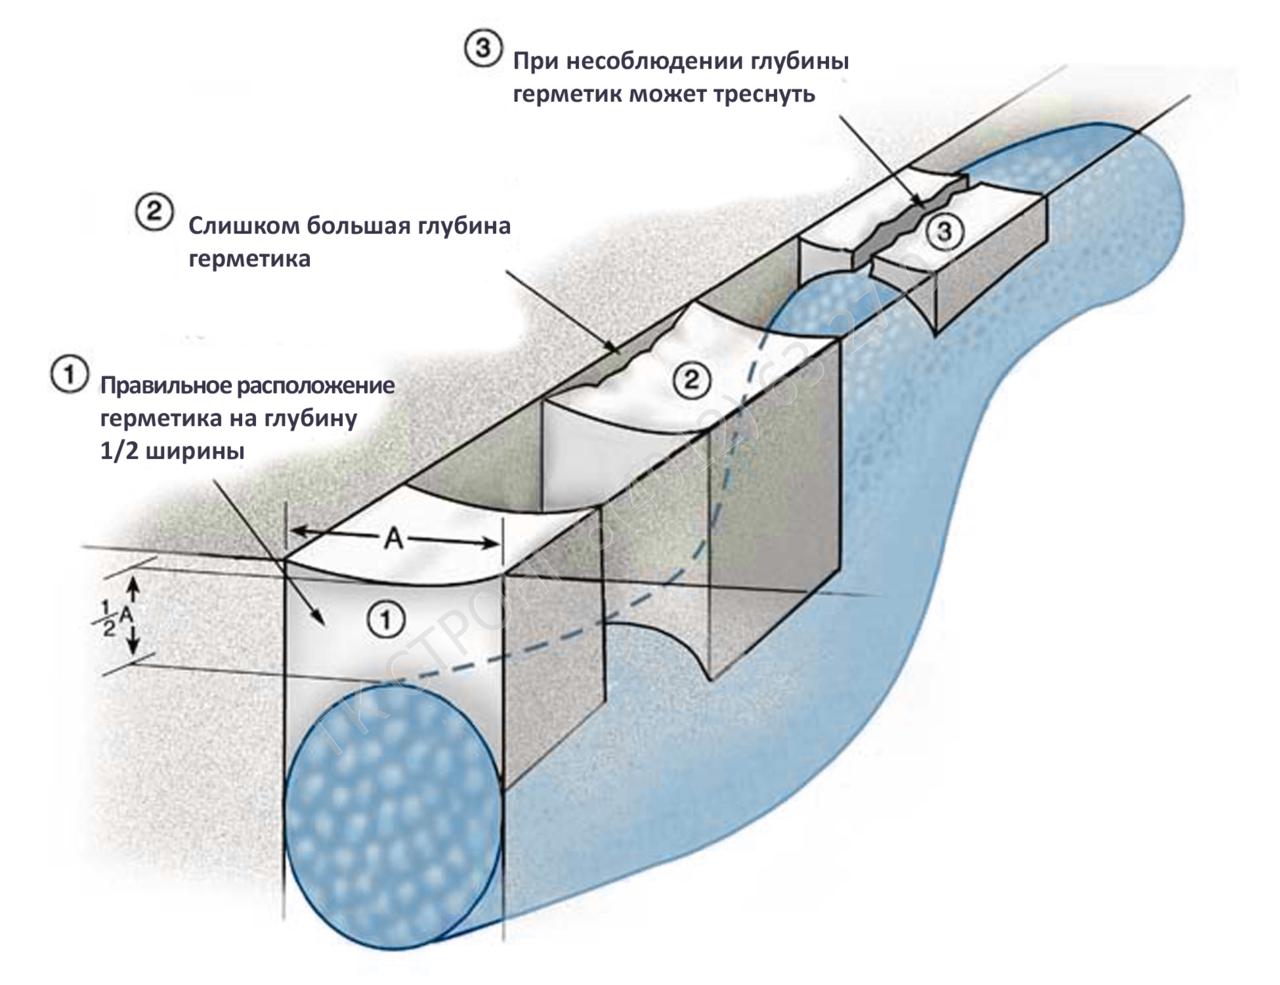 Герметик используется для защиты швов от проникновения воды и агрессивных сред